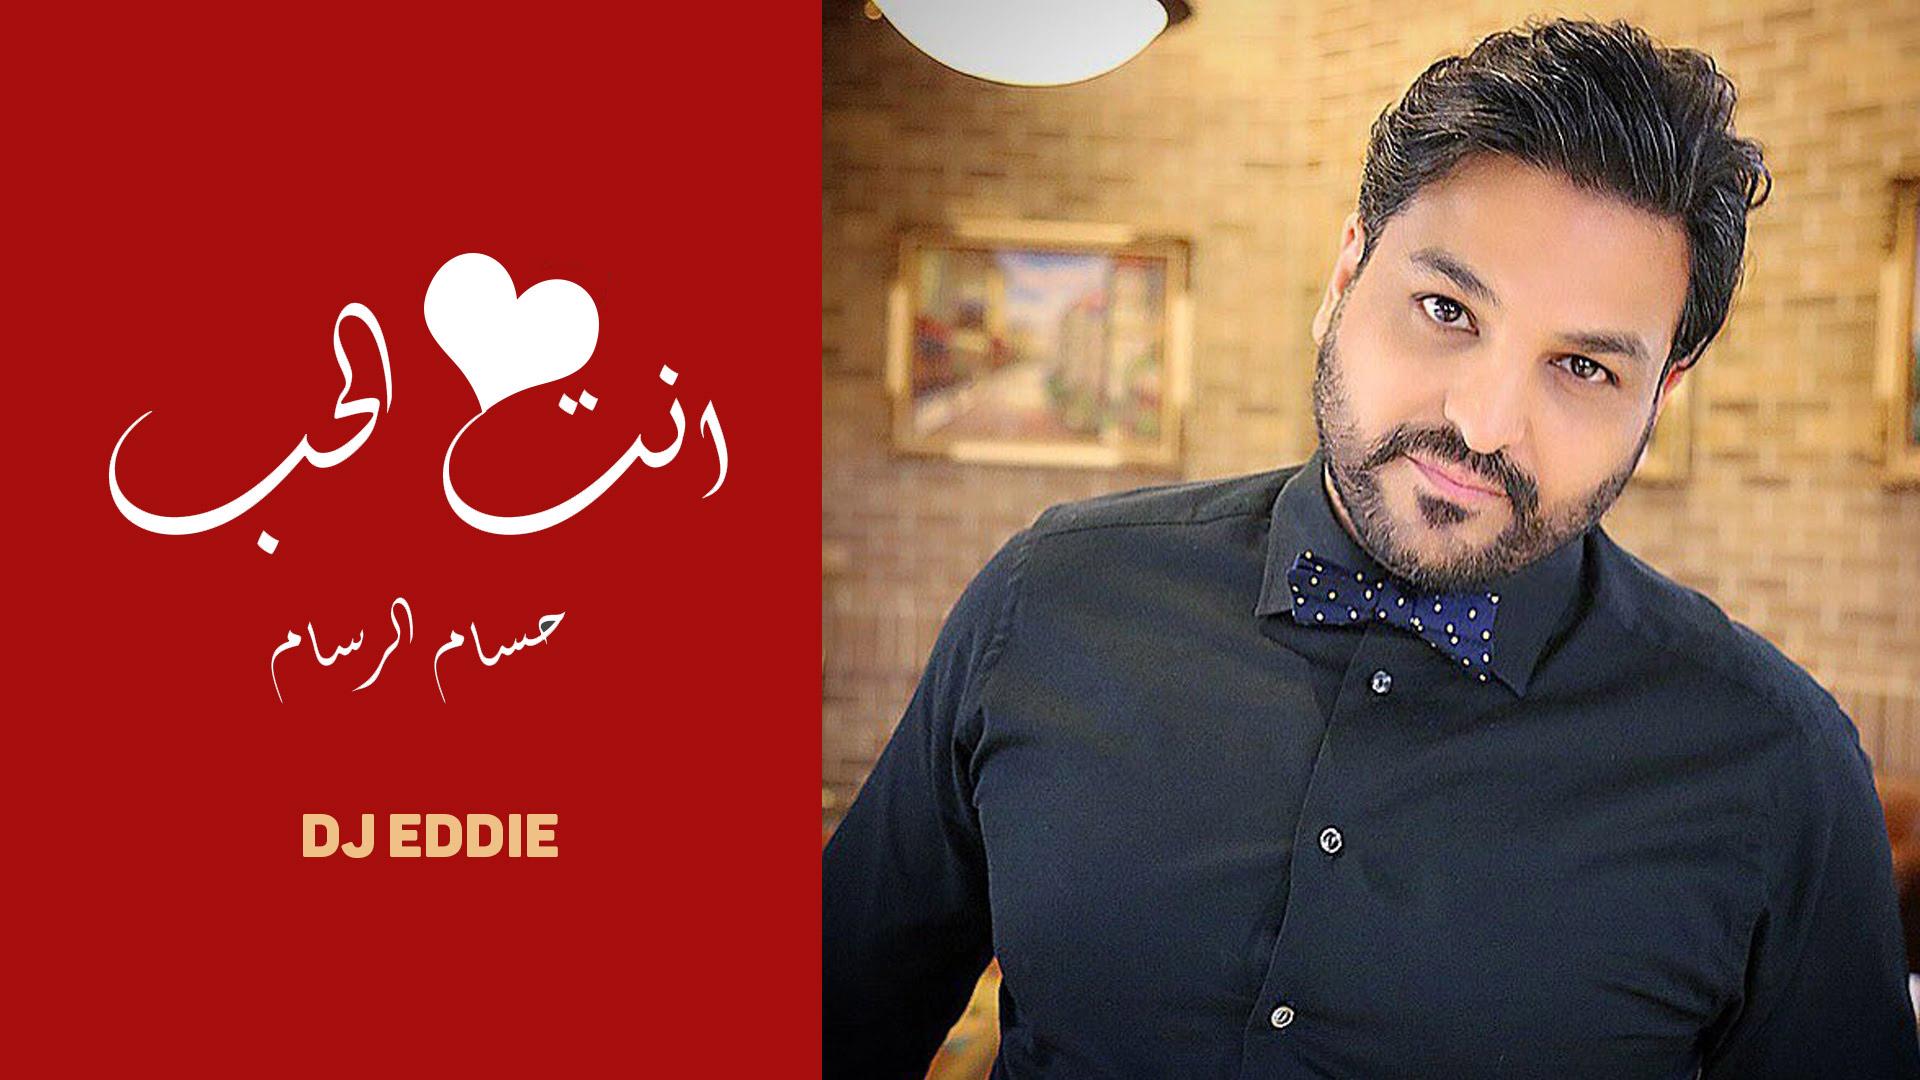 حسام الرسام - انت الحب Hussam Alrassam - Anta Al7ob